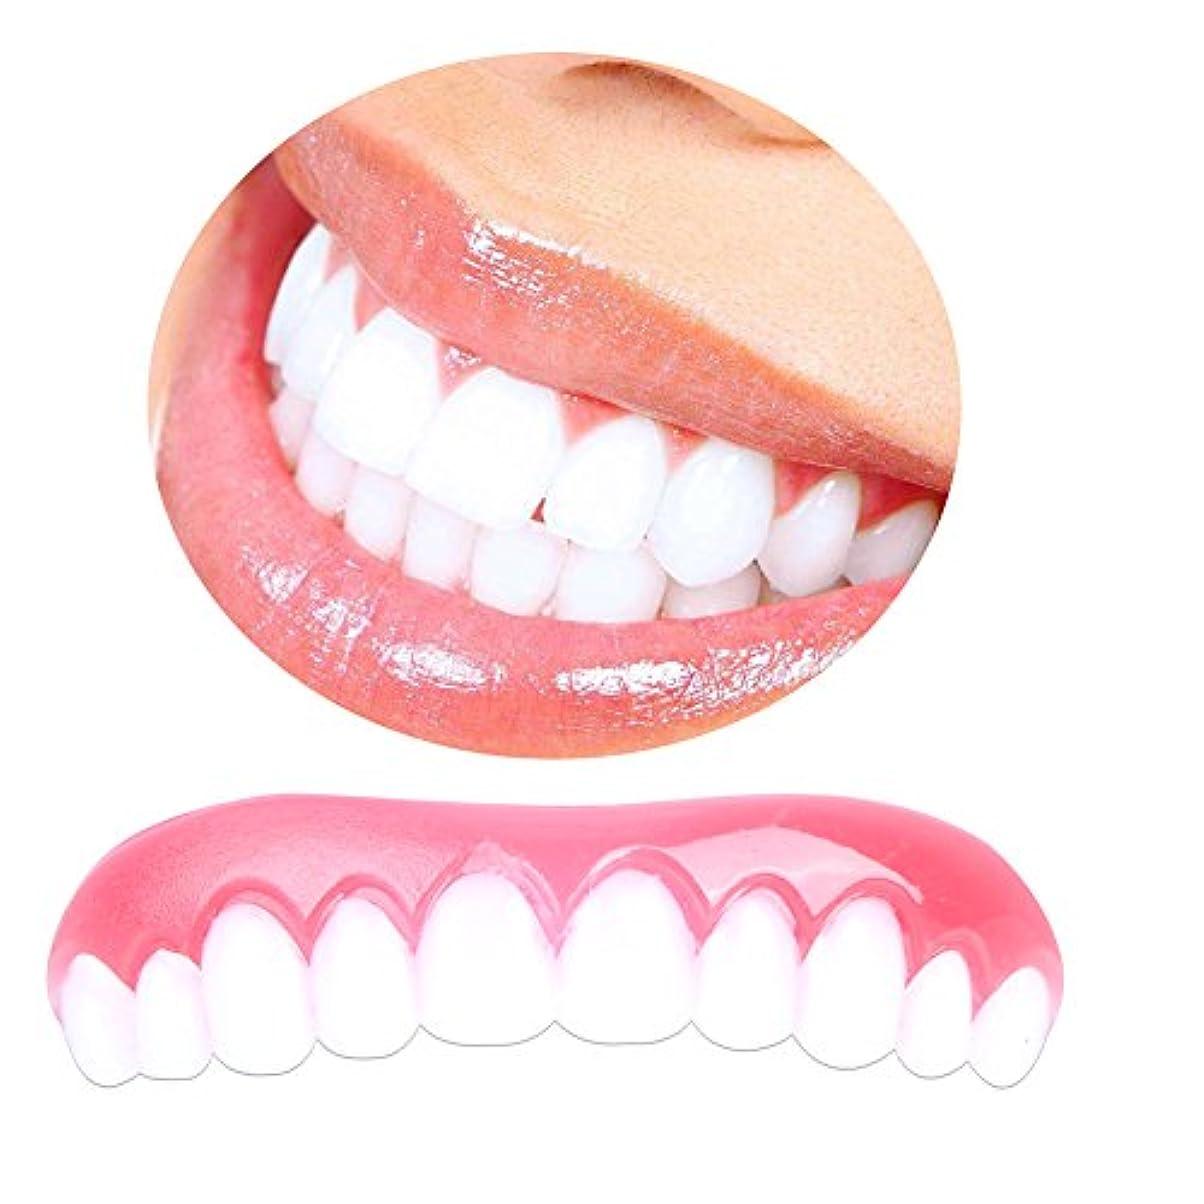 喜ぶファッション関税2個パーフェクトスマイルベニヤダブの歯の修正のための在庫の悪い歯のためのパーフェクトスマイルベニヤ歯のホワイトニング